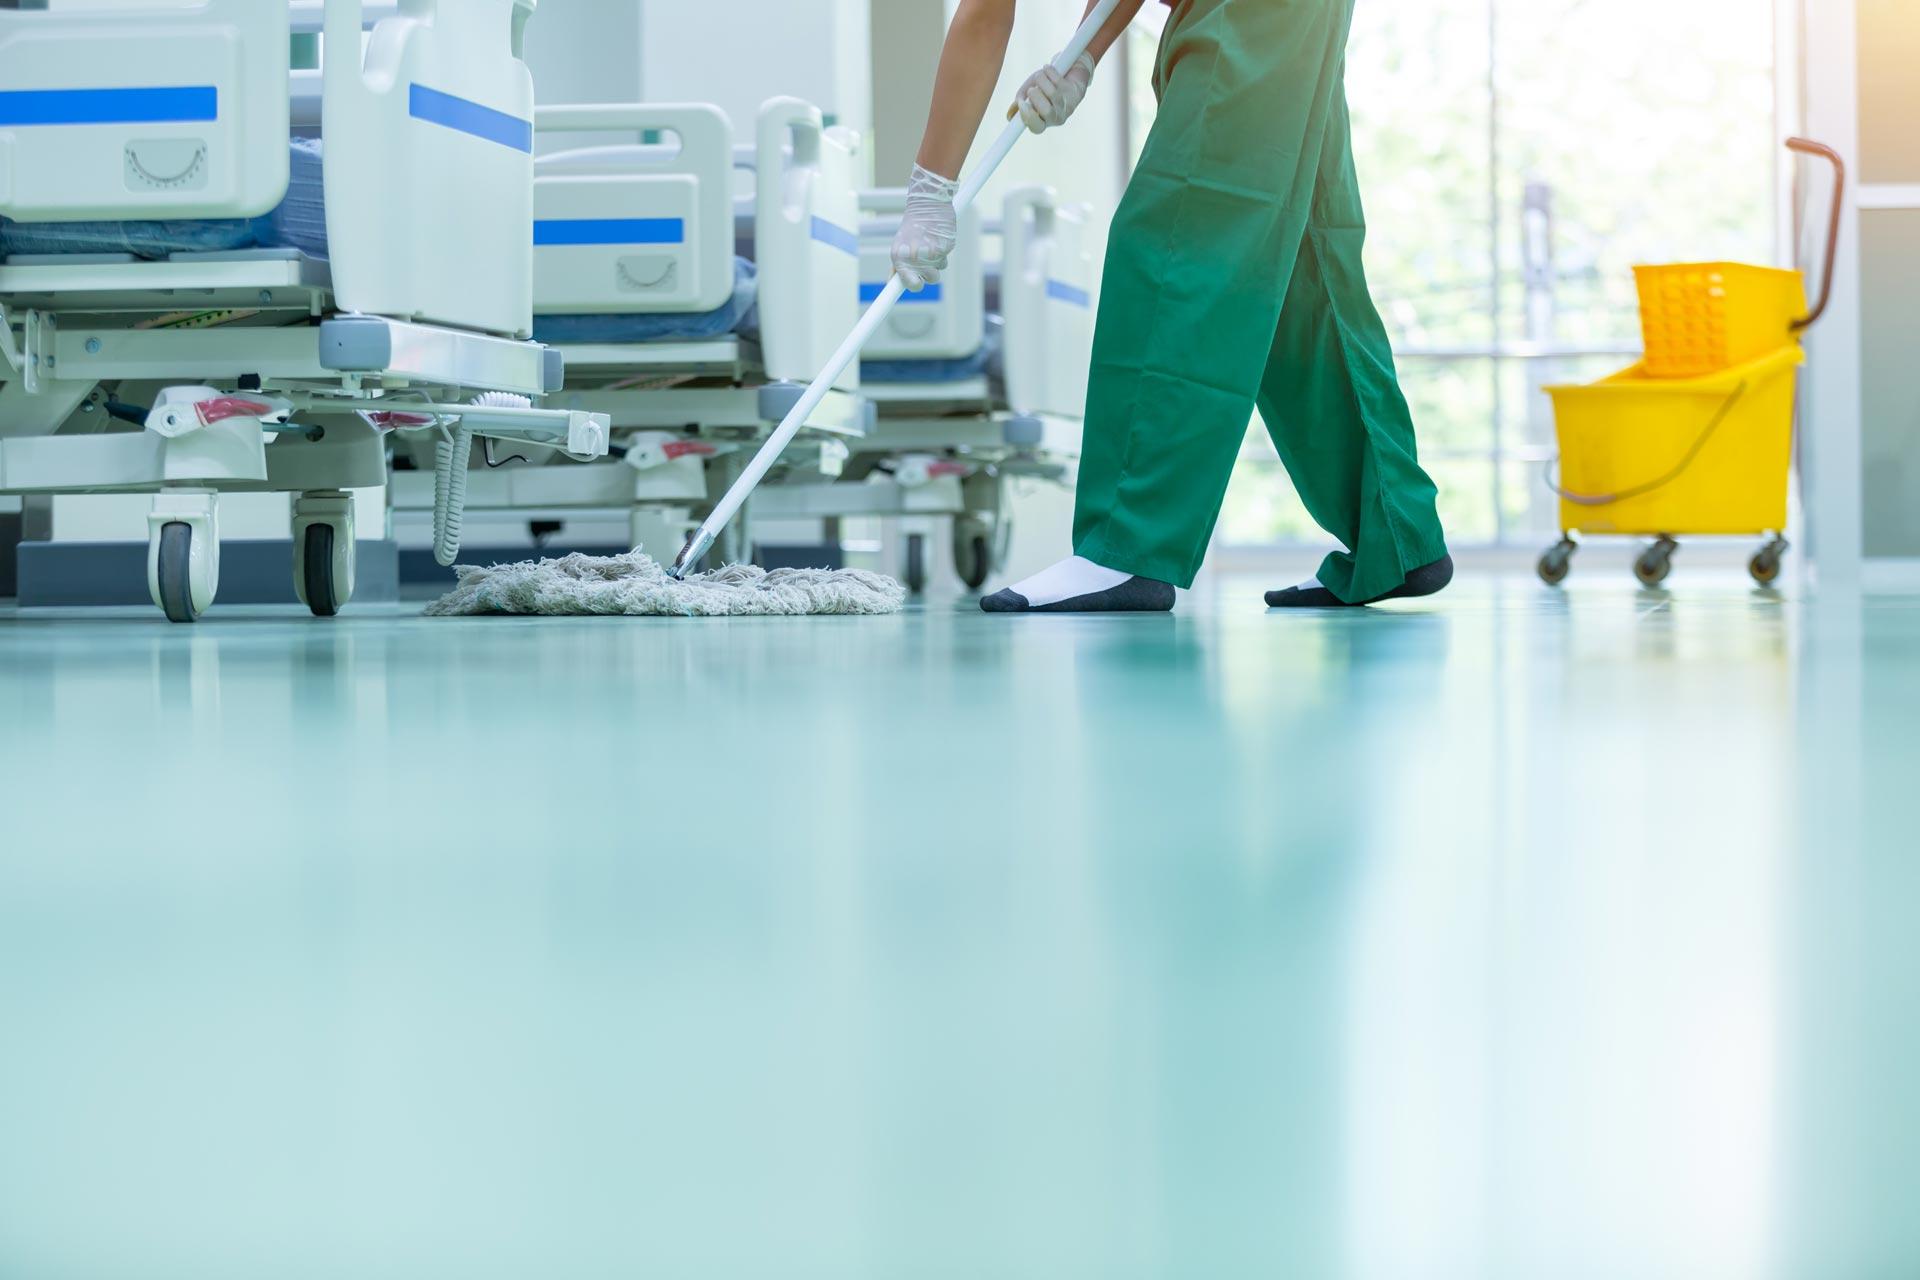 Reinigung im Hygiene- und Gesundheitswesen